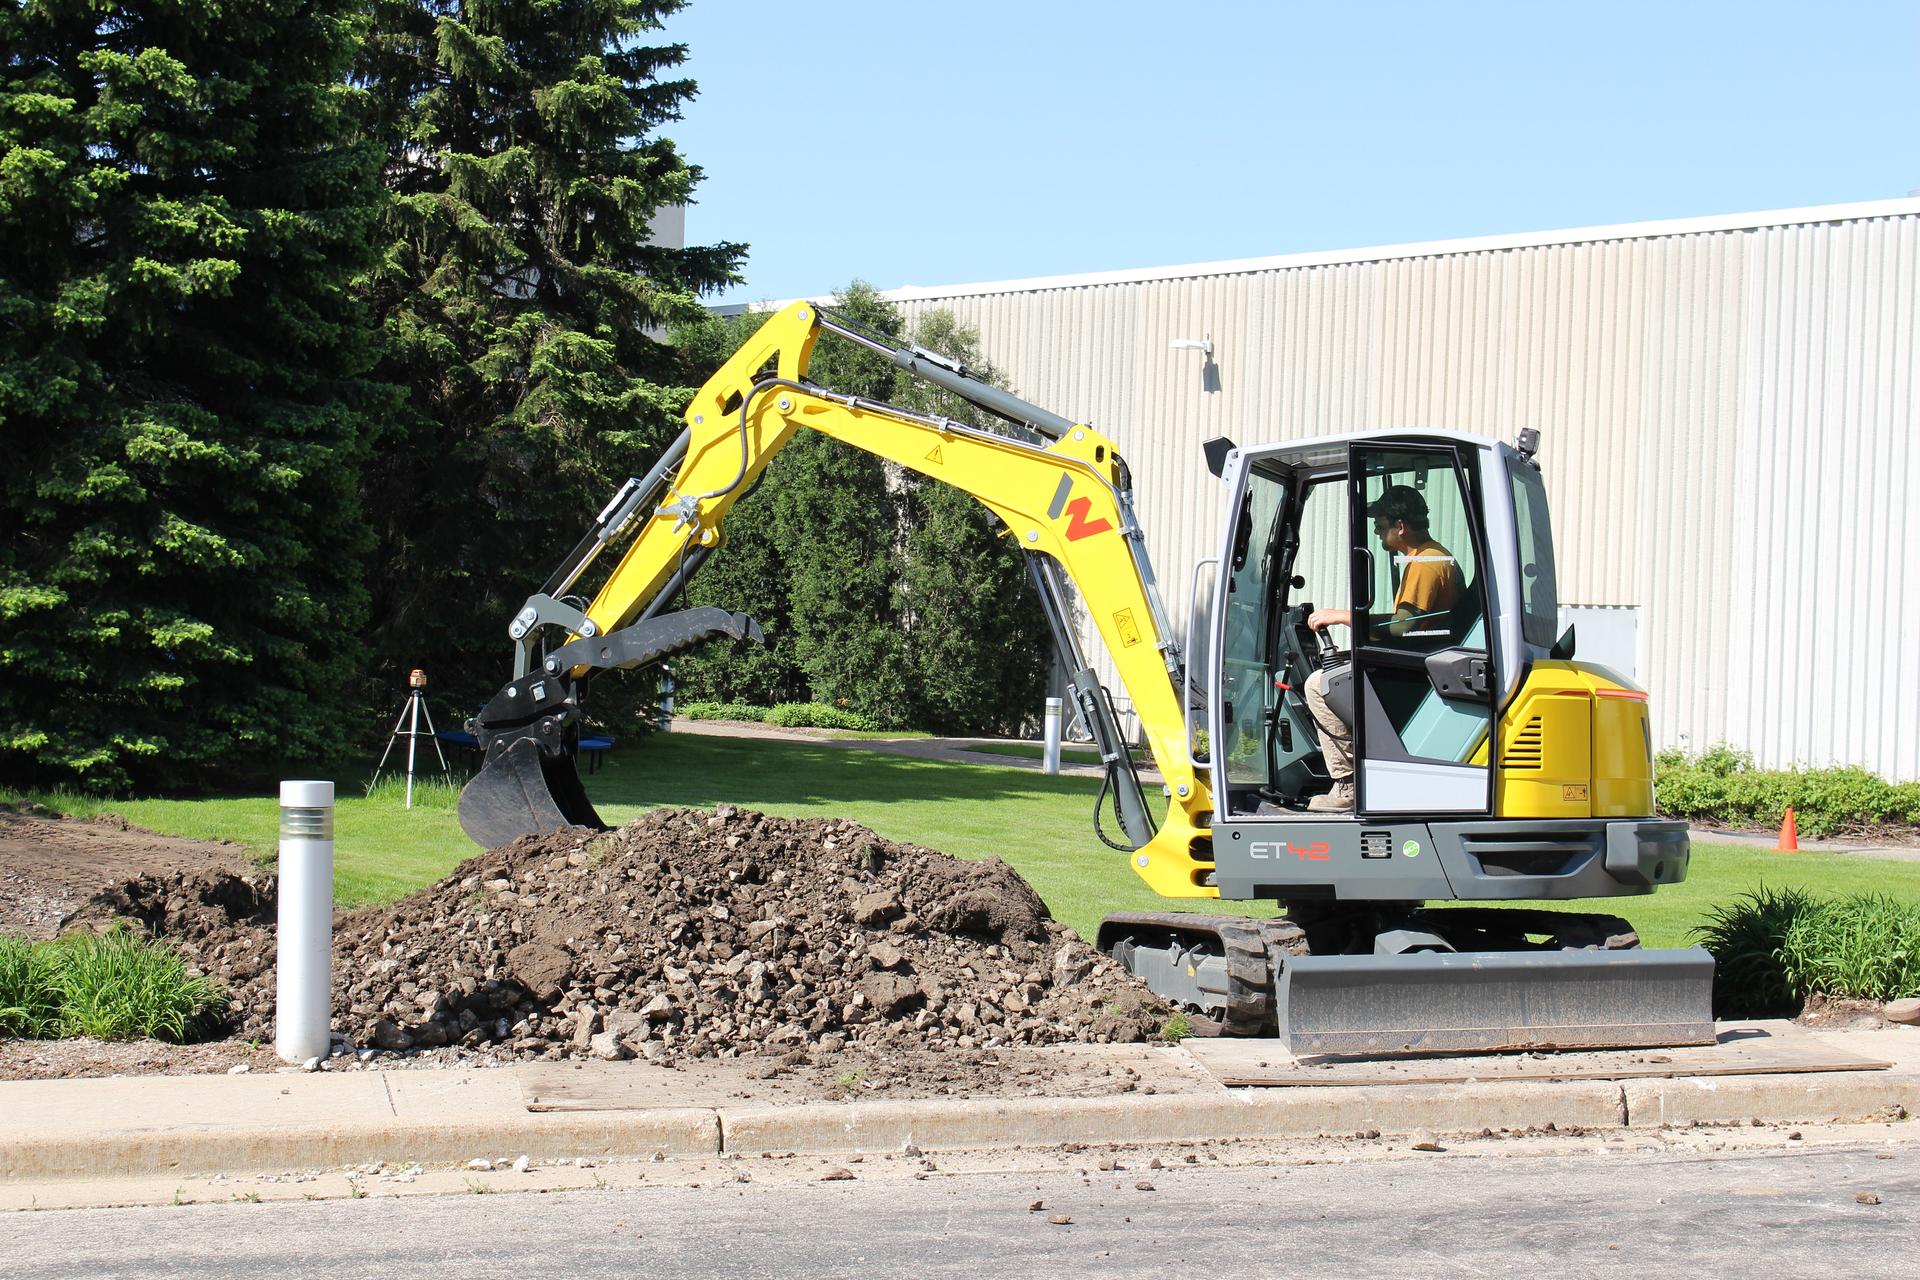 Wacker Neuson ET42 compact excavator digging